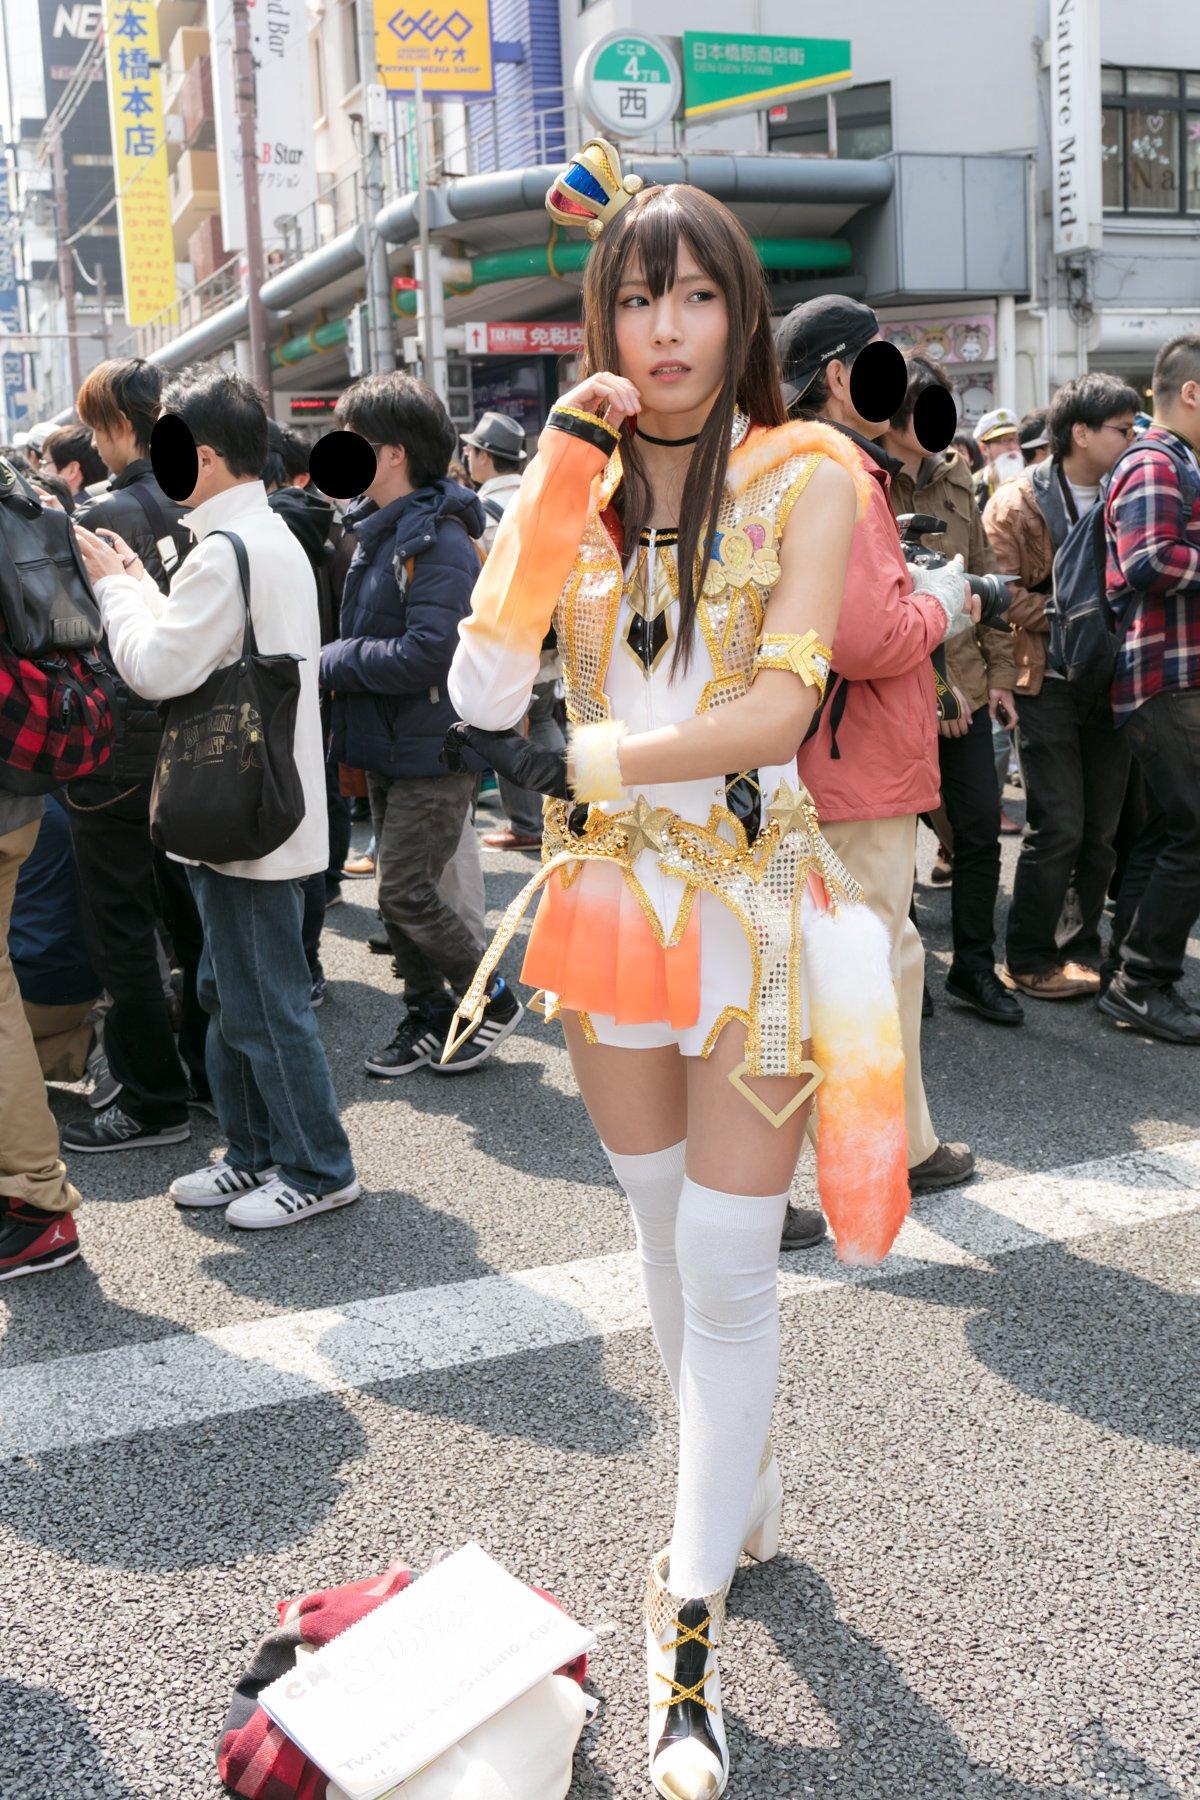 画像,#ストフェス2017渋谷凛(Yes! Party Time!!衣装)さかなさん(@sakana_cos )VR手に入れてないのですが、パーティータイムの綺麗な衣…